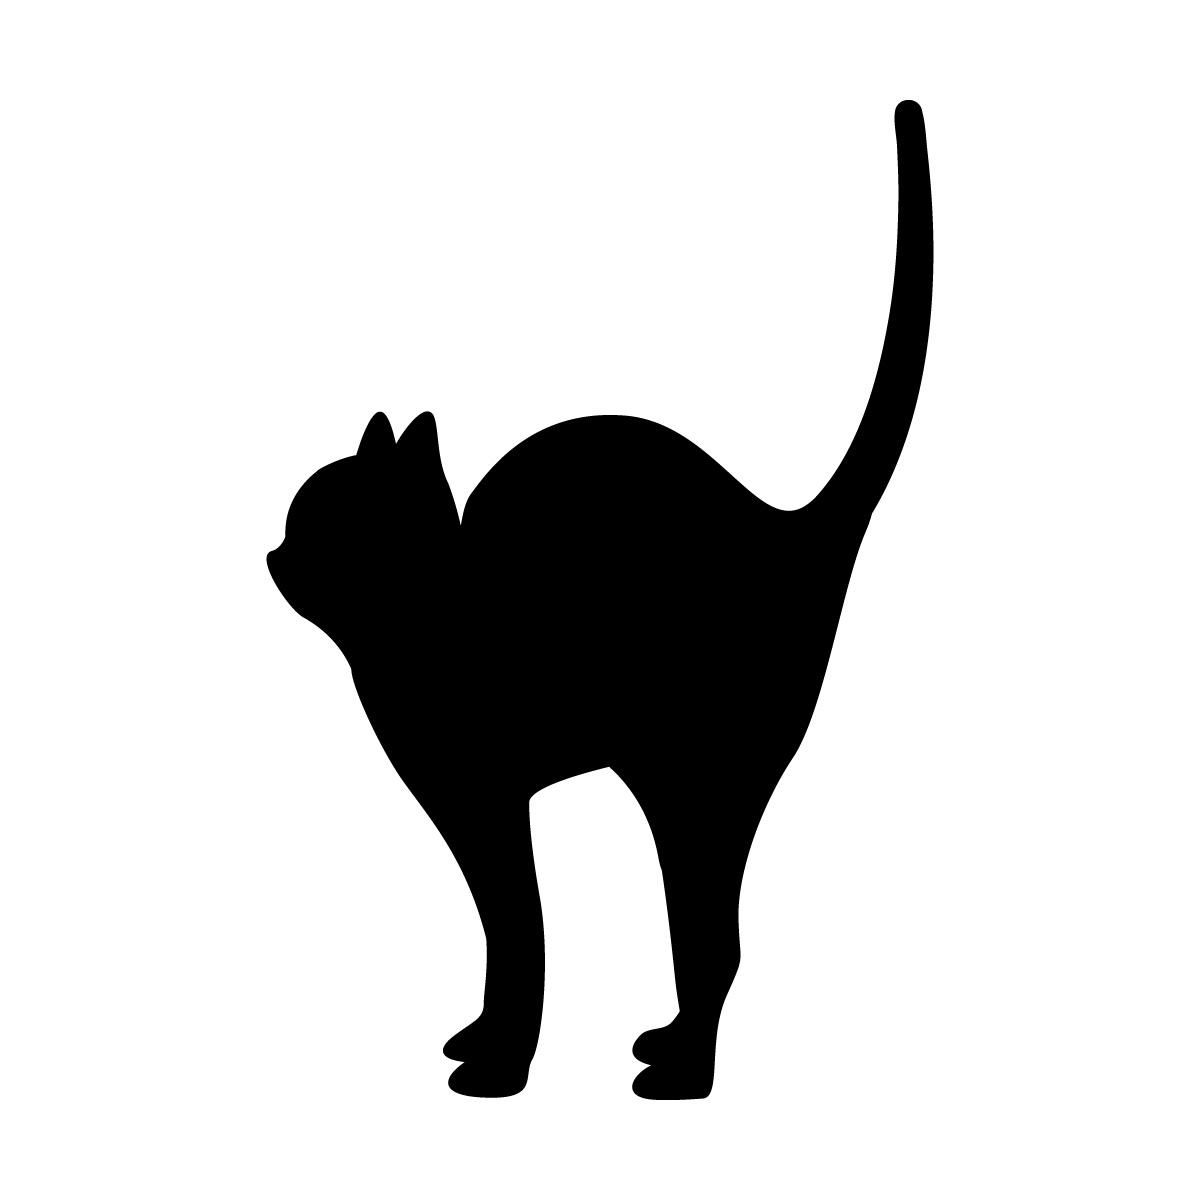 尻尾を立てるネコのシルエットステッカー・シール